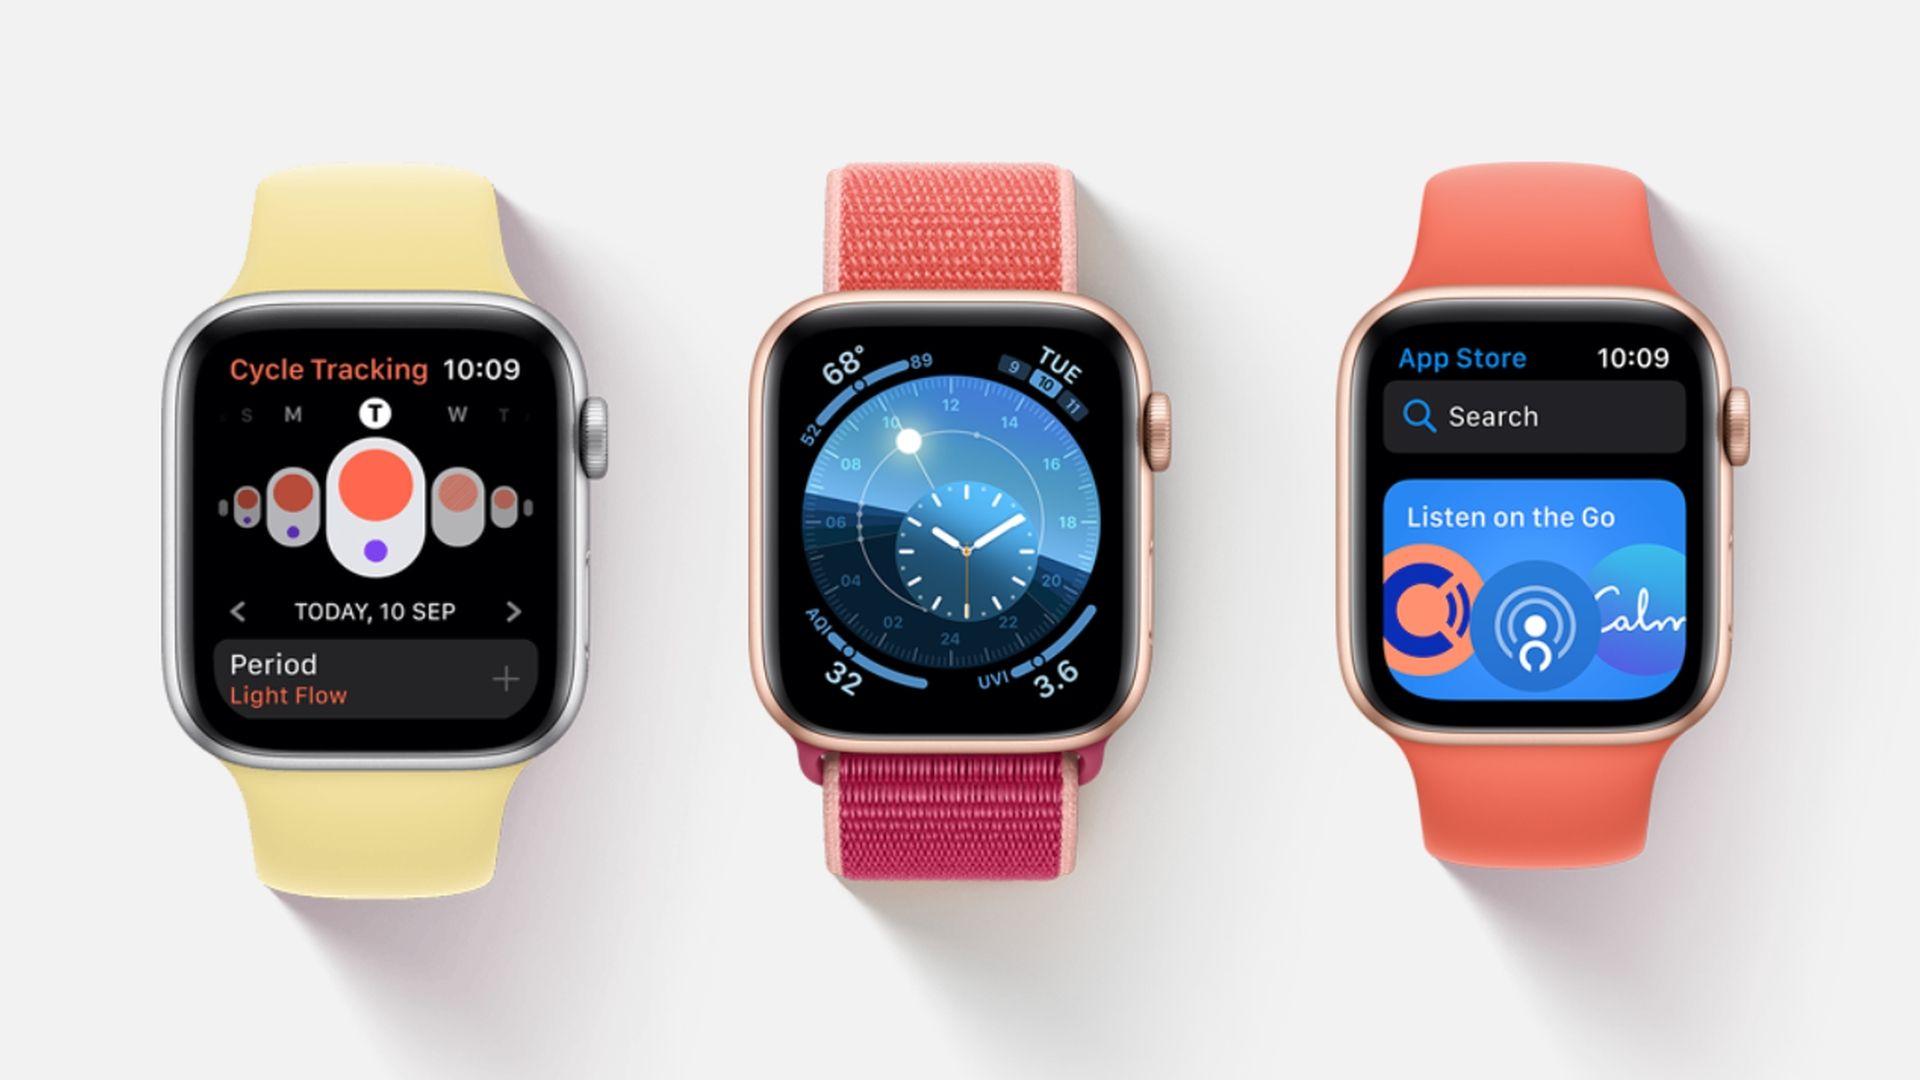 Firma Apple wydała aktualizację systemu watchOS 6.1